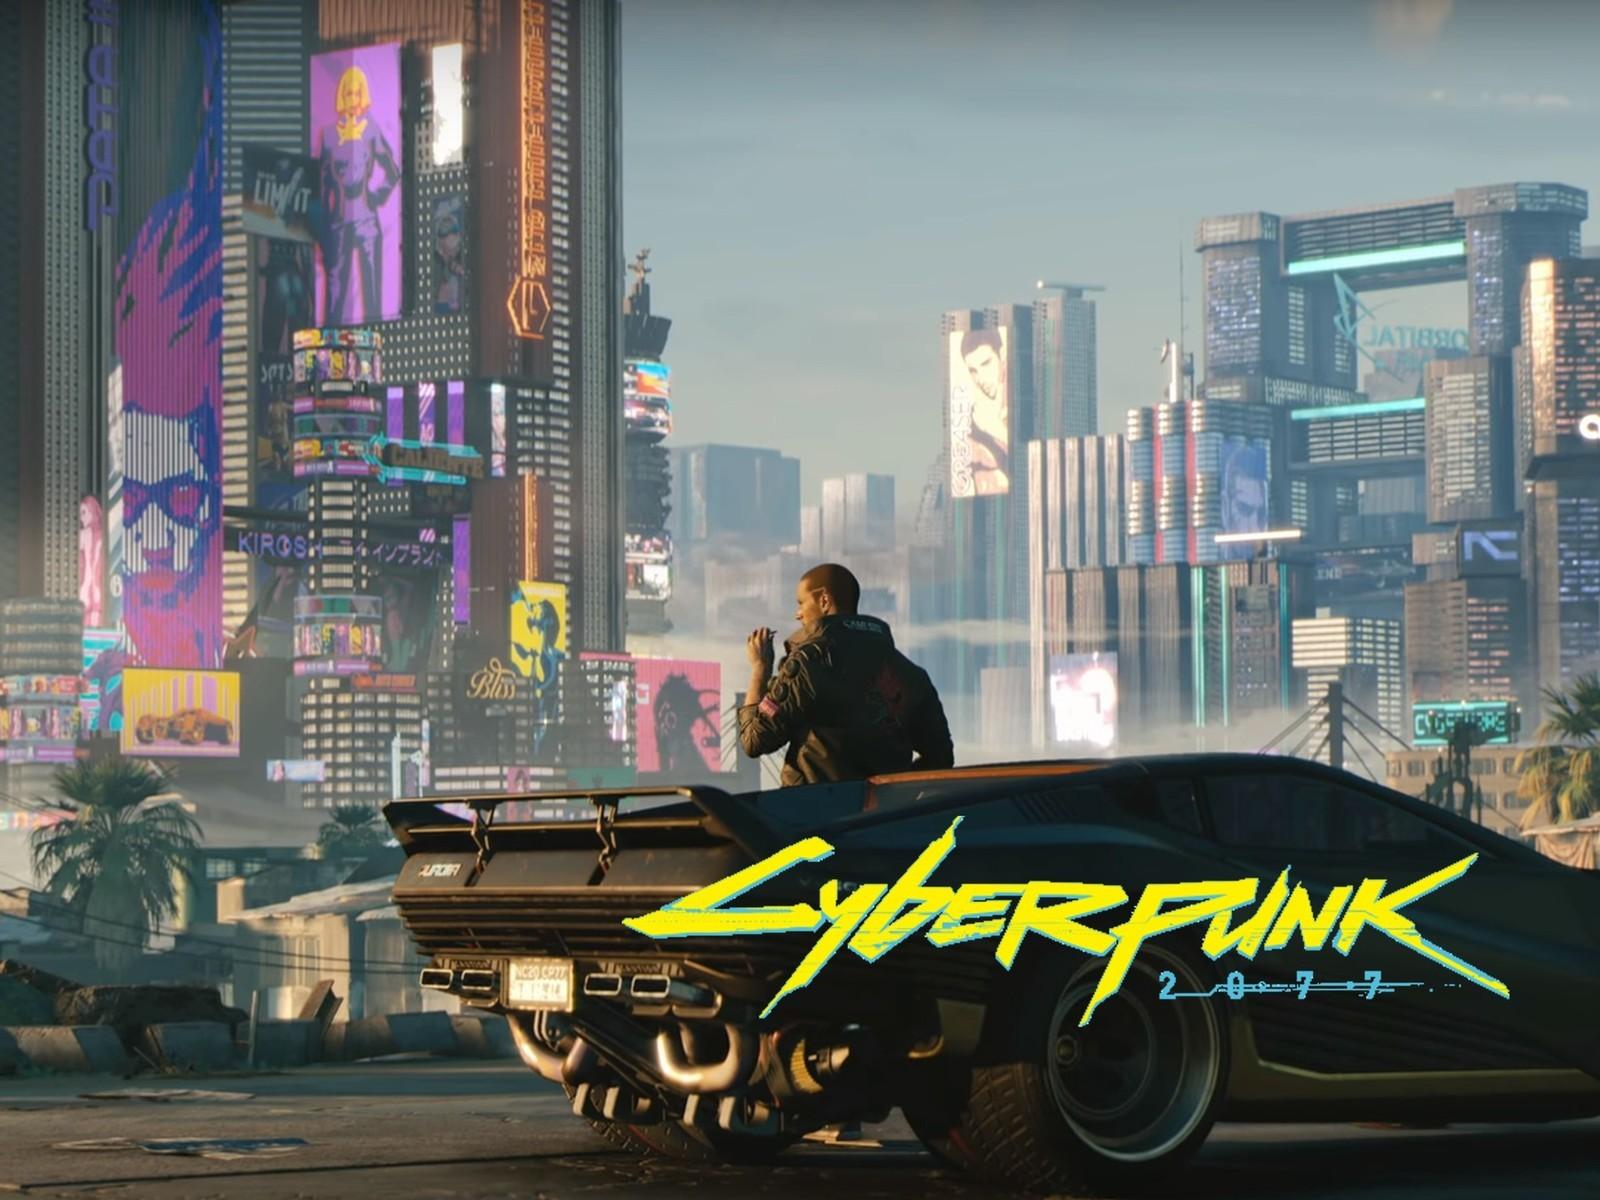 Il direttore creativo di Cyberpunk 2077 si unisce a Blizzard, ecco cosa potrebbe significare per il titolo